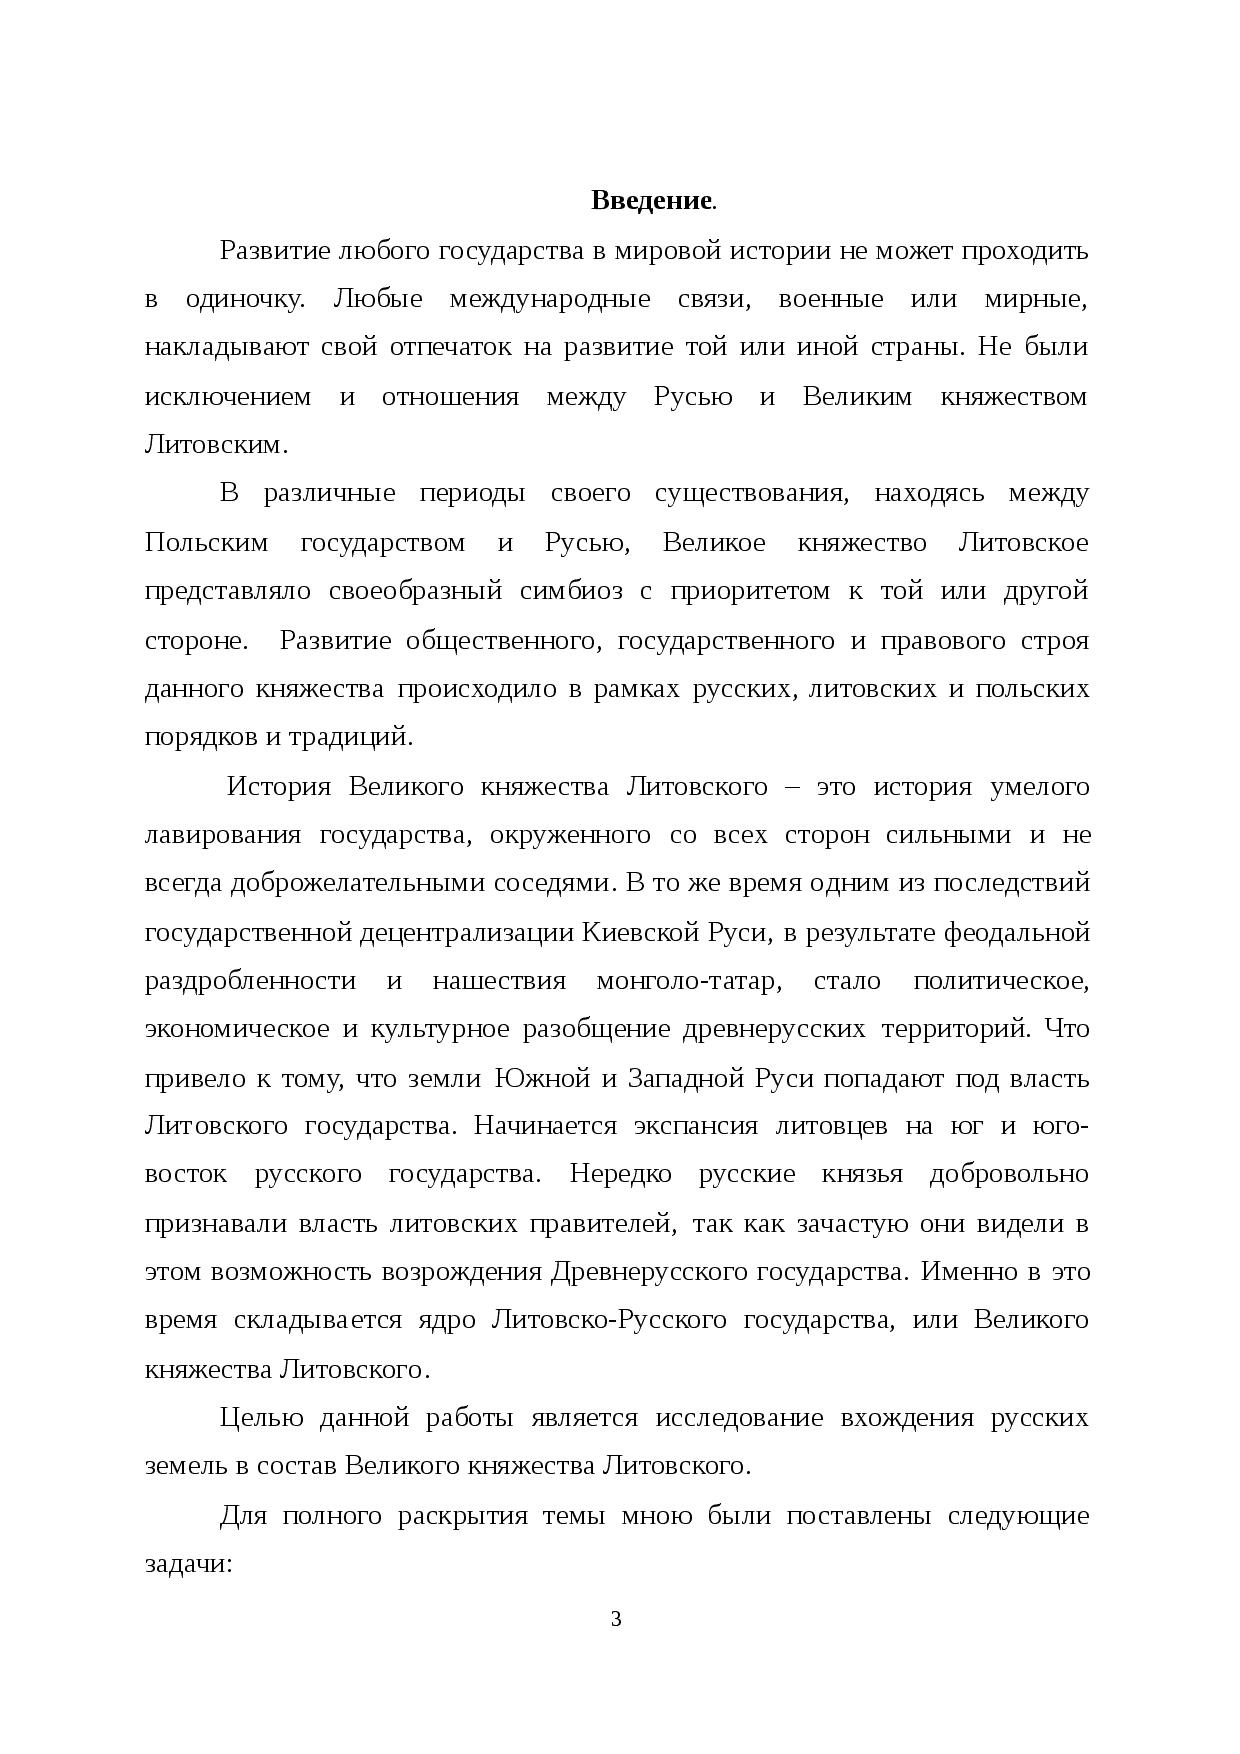 княжество литовское и русское